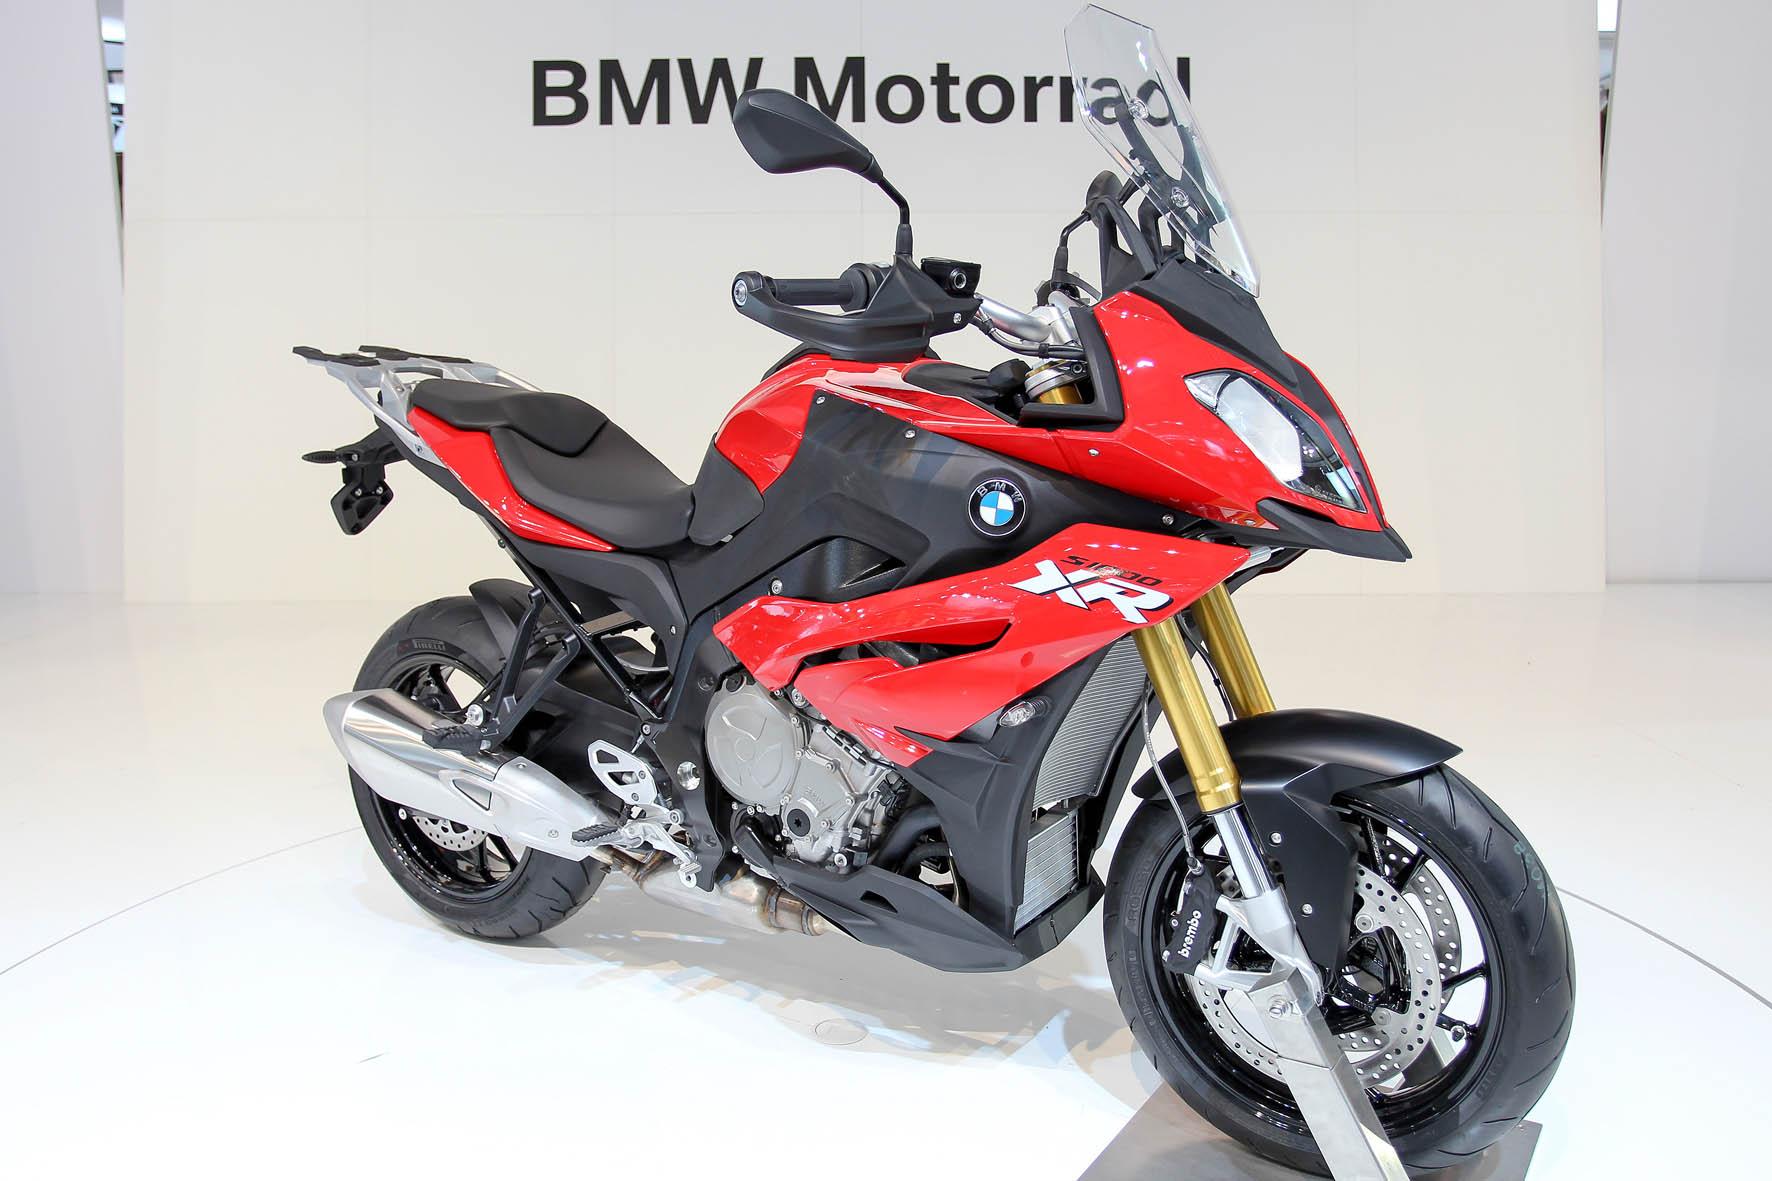 S 1000XR coloca BMW na briga das aventureiras esportivas ...